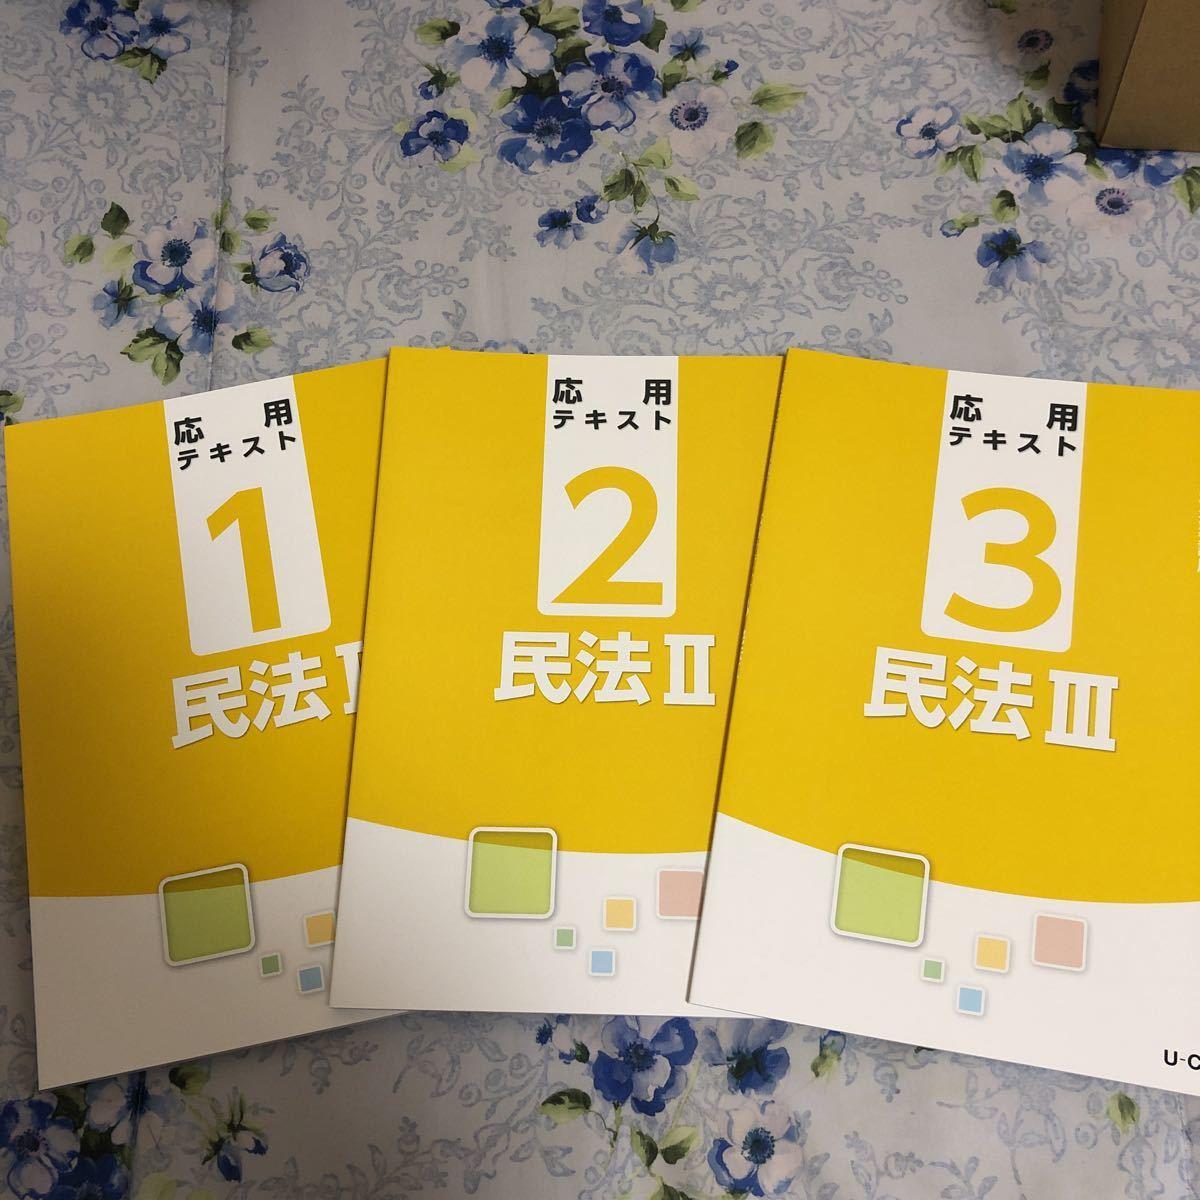 ユーキャン 行政書士講座 平成29年版